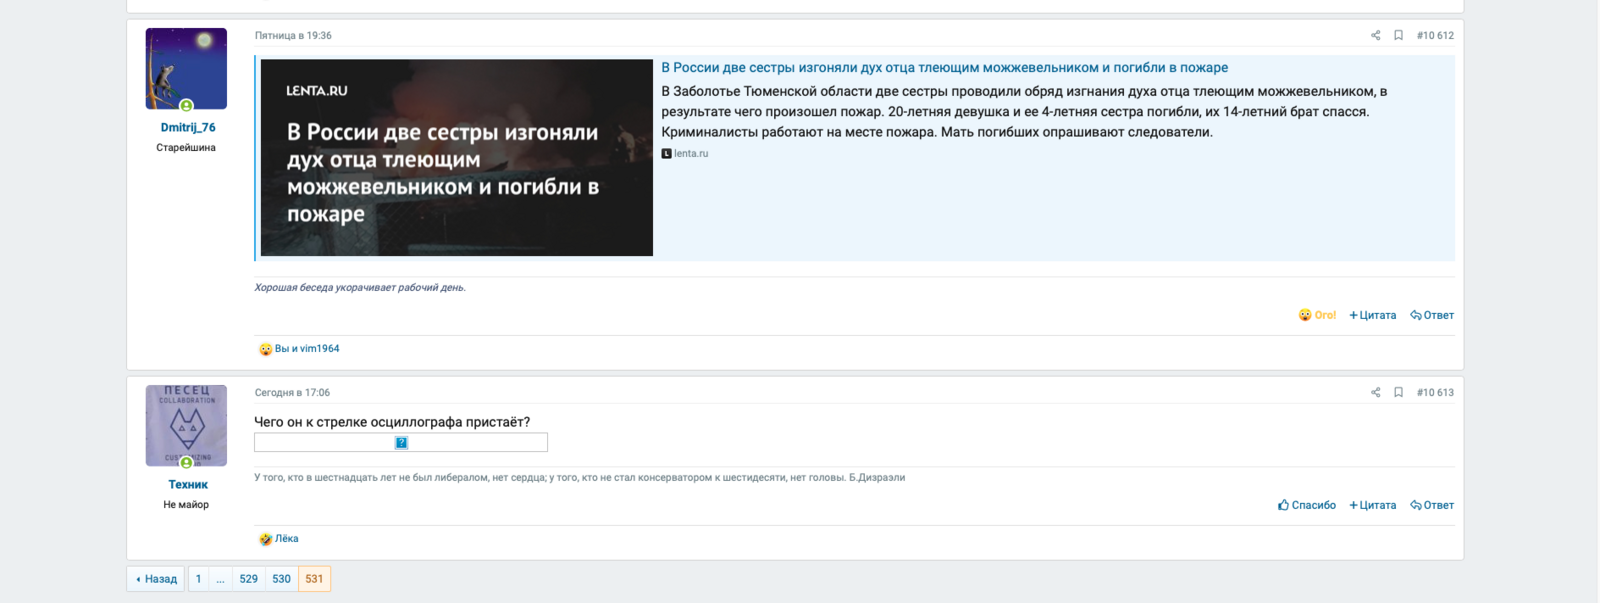 Screenshot 2021-02-16 at 22.57.49.png